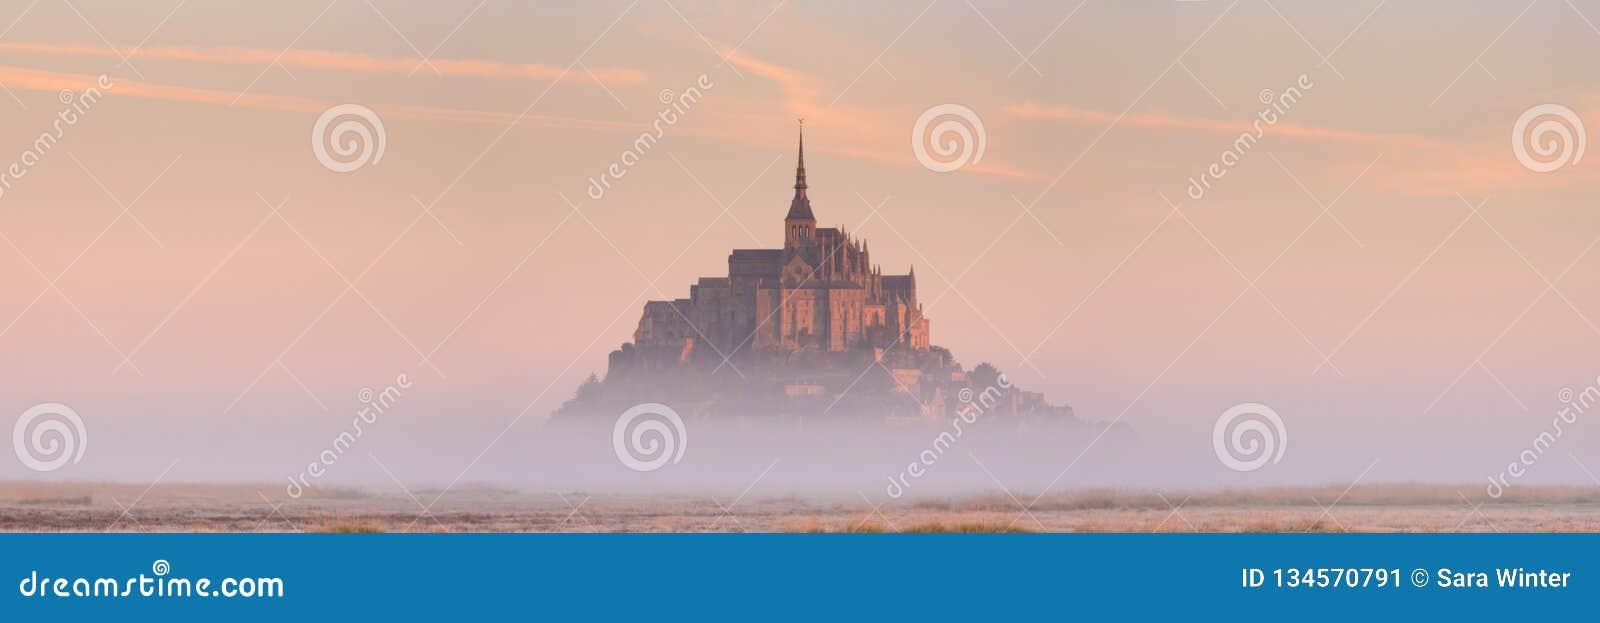 勒蒙圣米歇尔在诺曼底,日出的法国